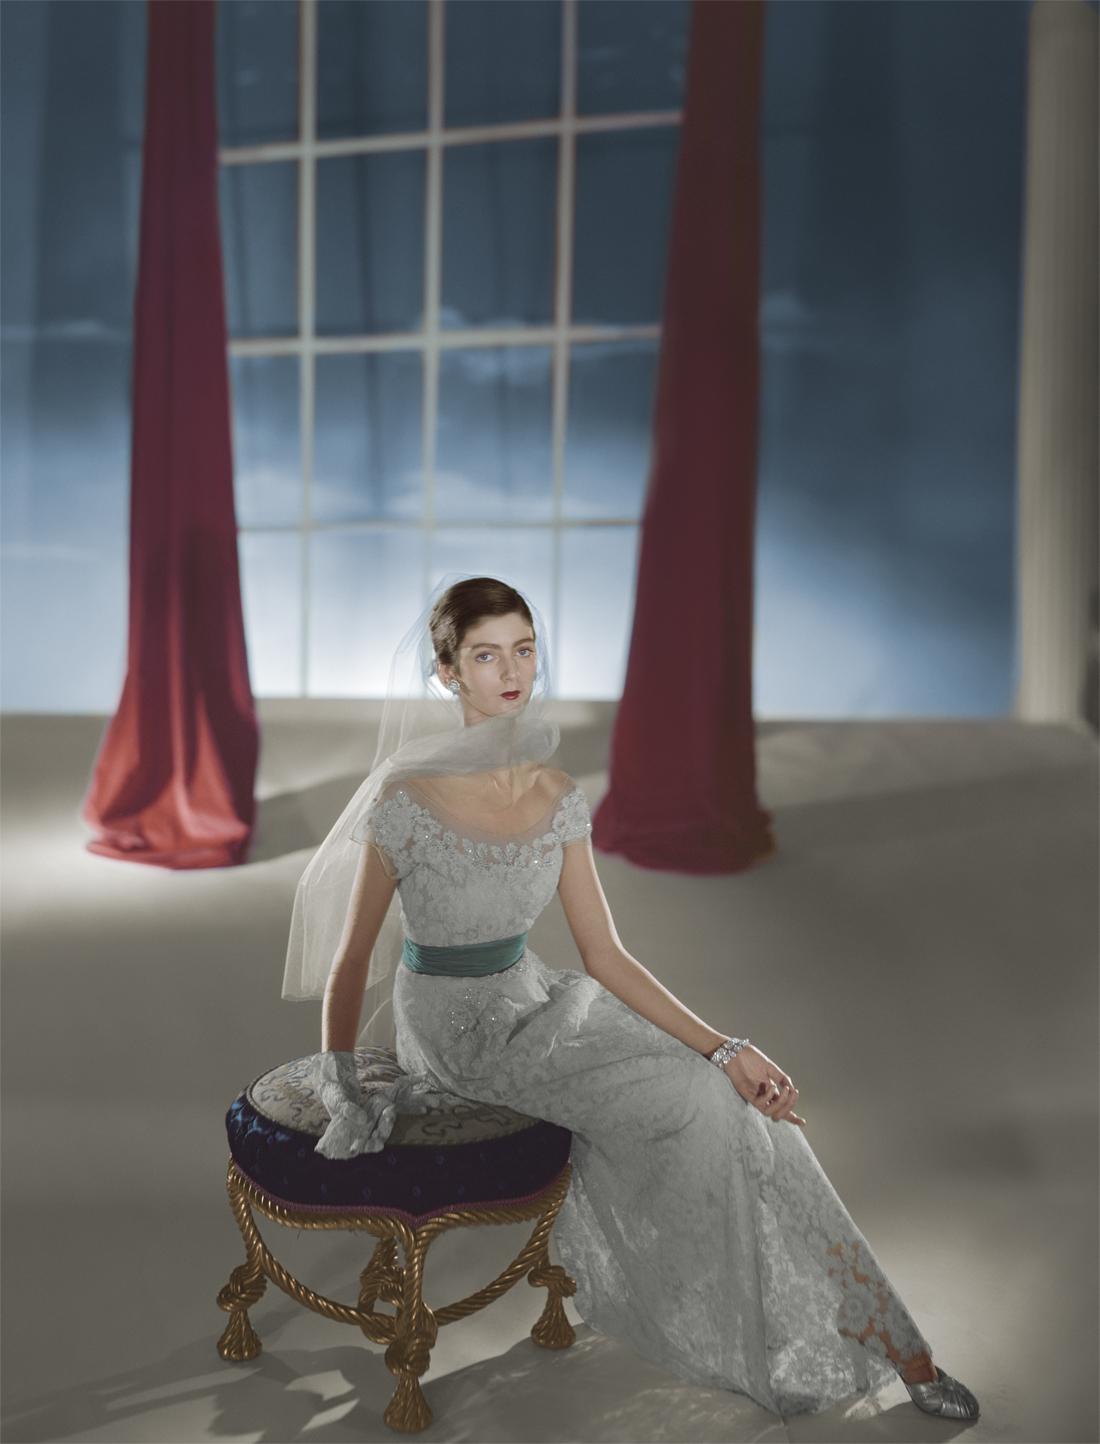 'After' Dress by Hattie Carnegie, modelled by Carmen Dell'Orefice